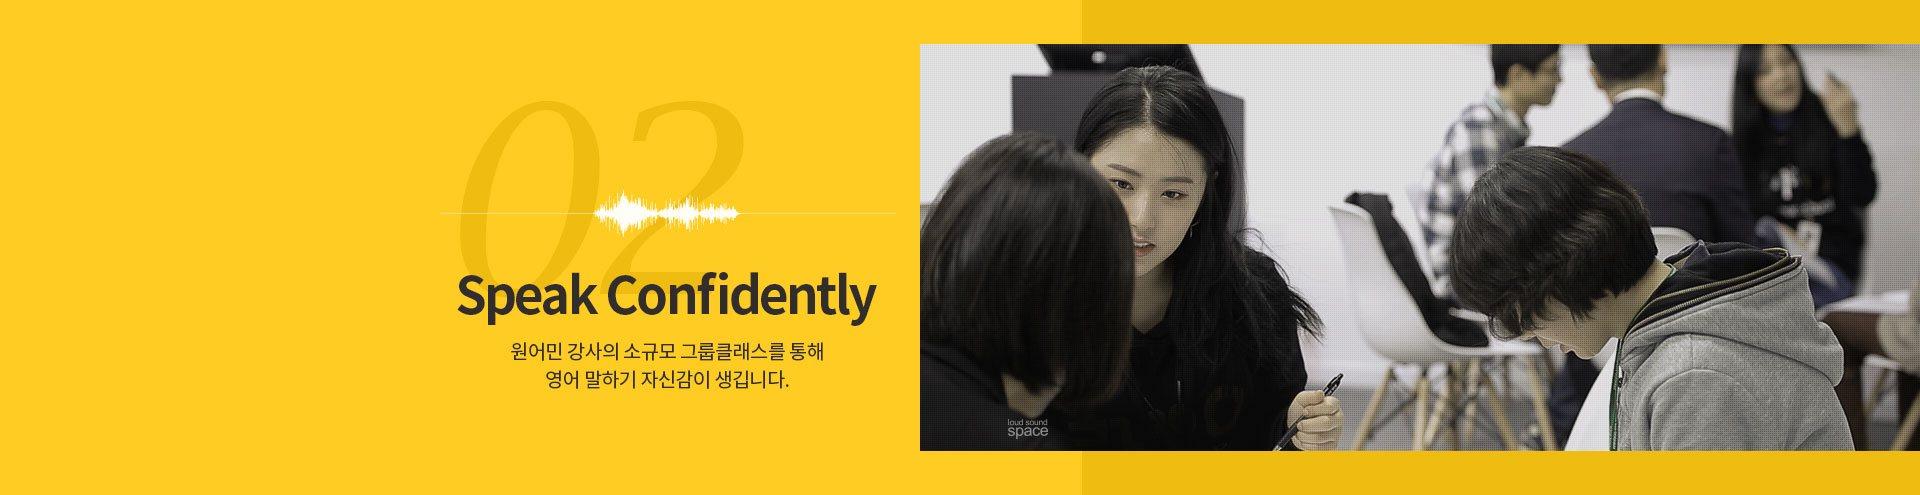 2 Speak Confidently